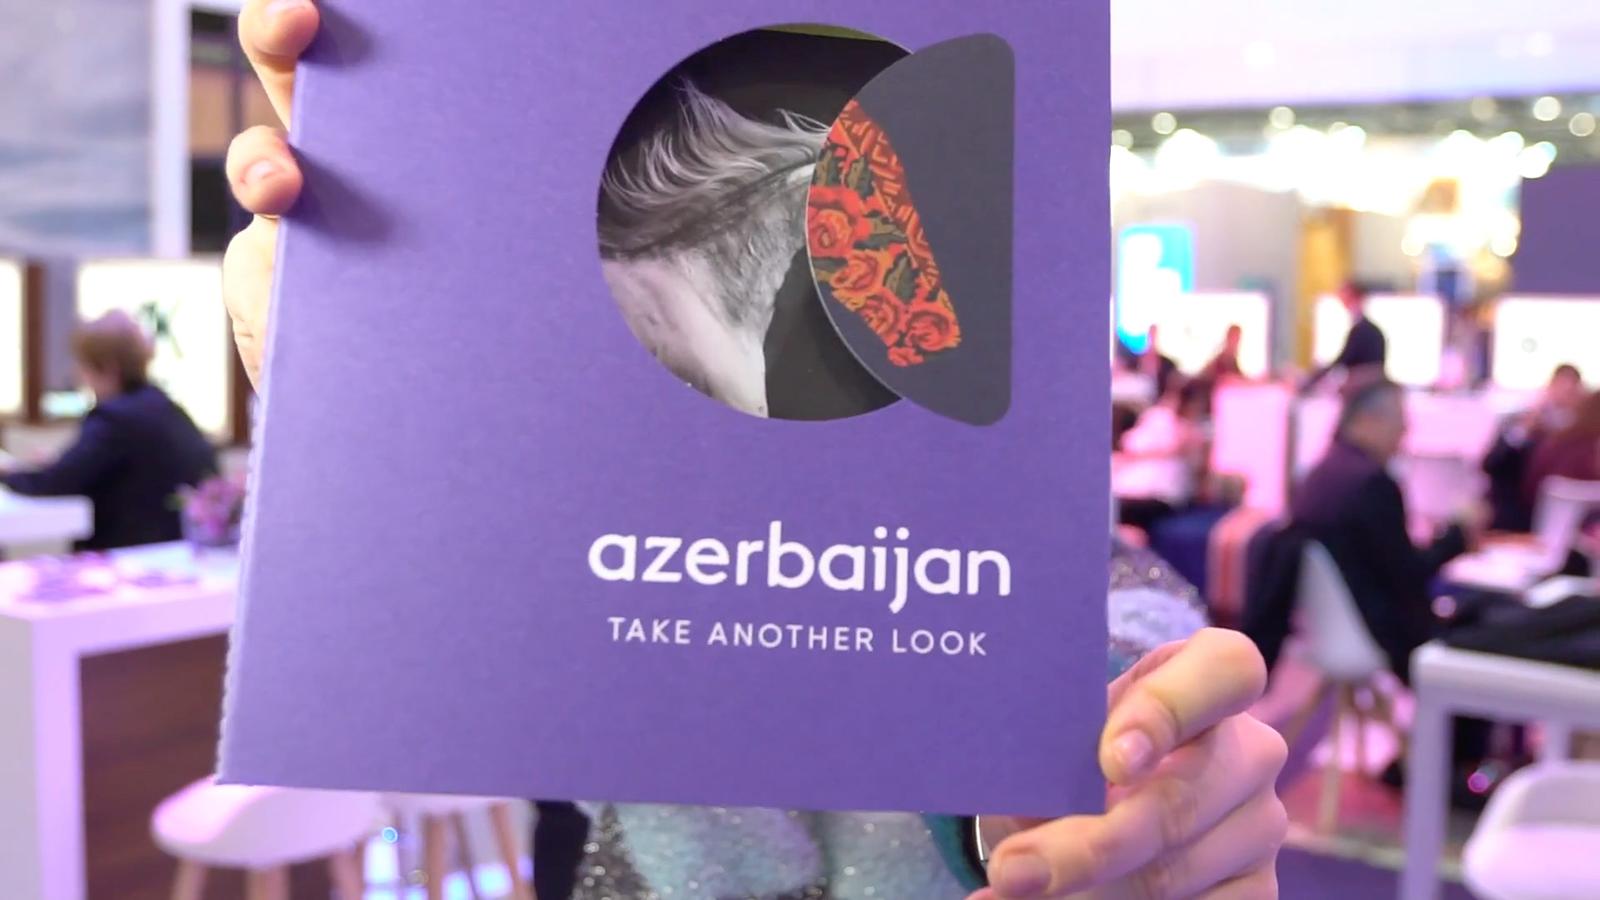 浪涛为阿塞拜疆旅游形象创造新的标志logo-VI设计7